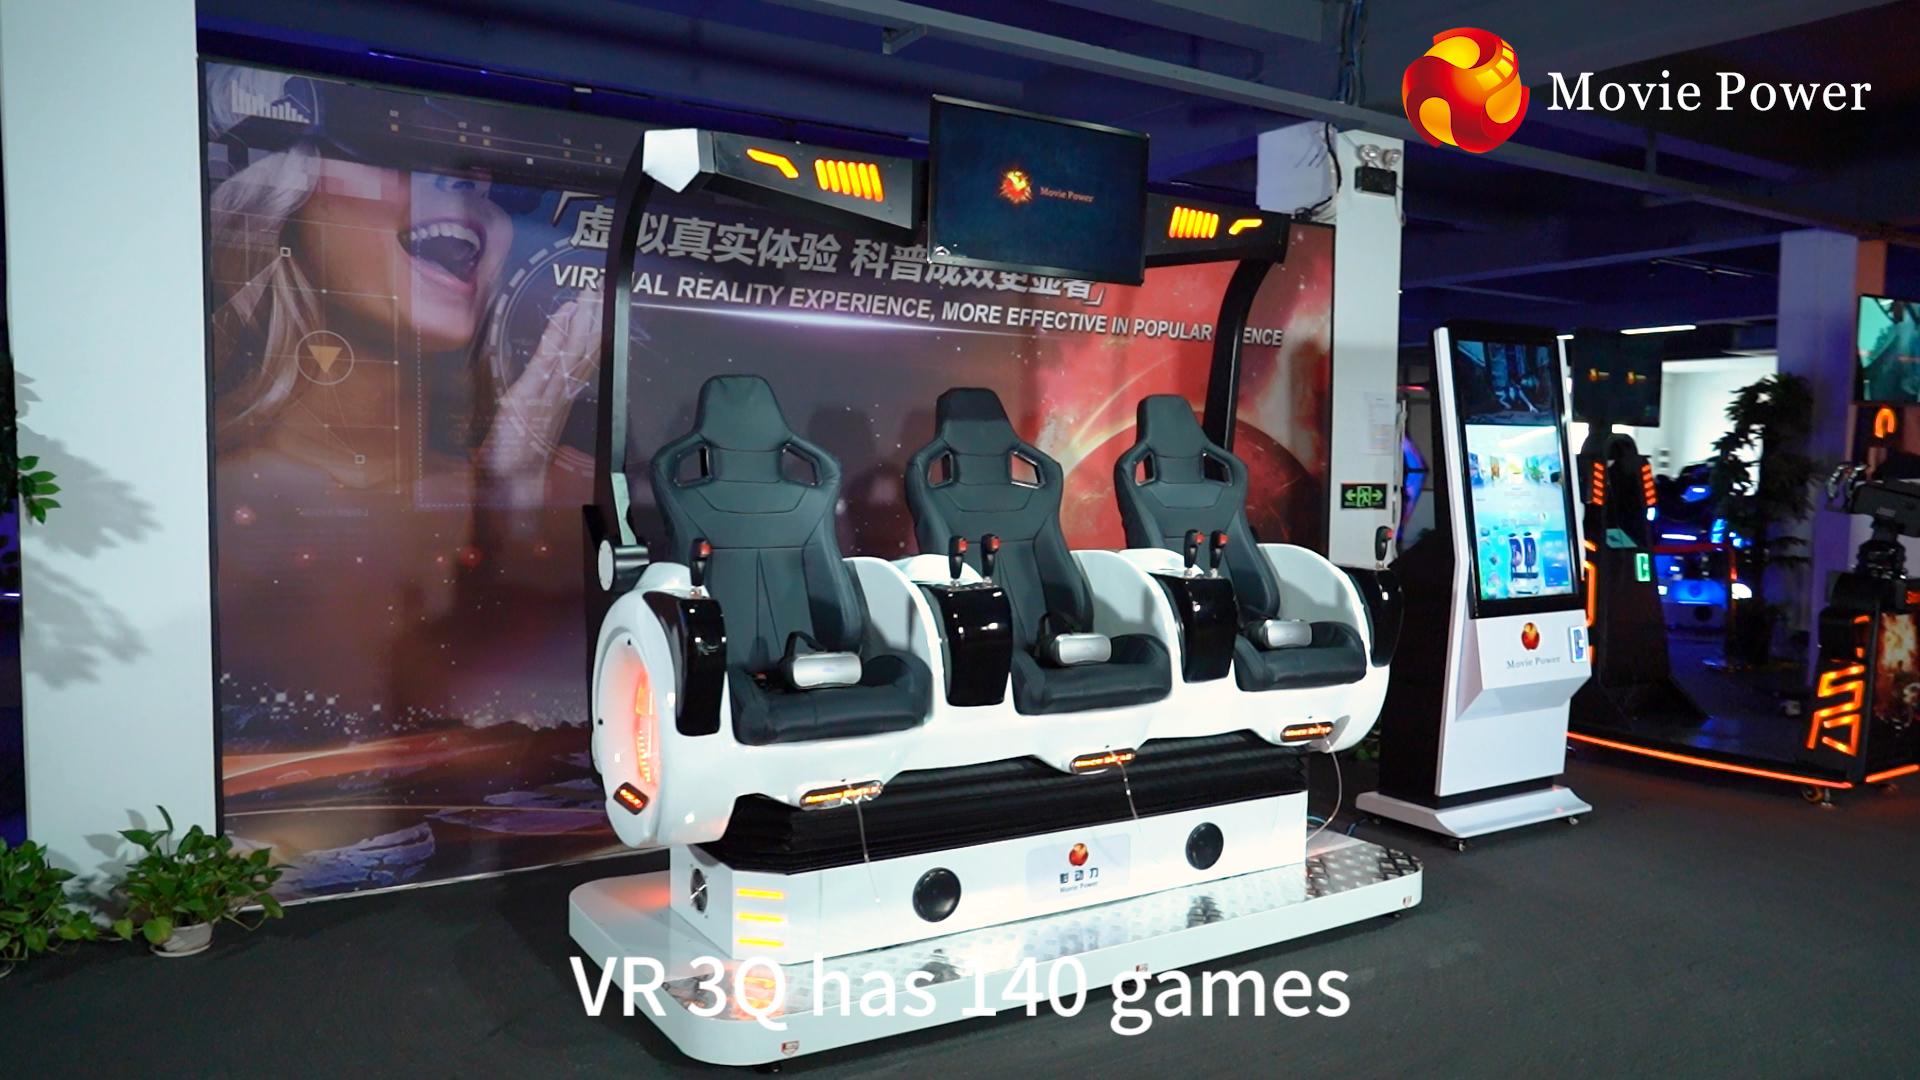 Новая технология 9D Vr 3Q игровой симулятор VR многопользовательская игра 9D Виртуальная реальность кинотеатр монетная машина